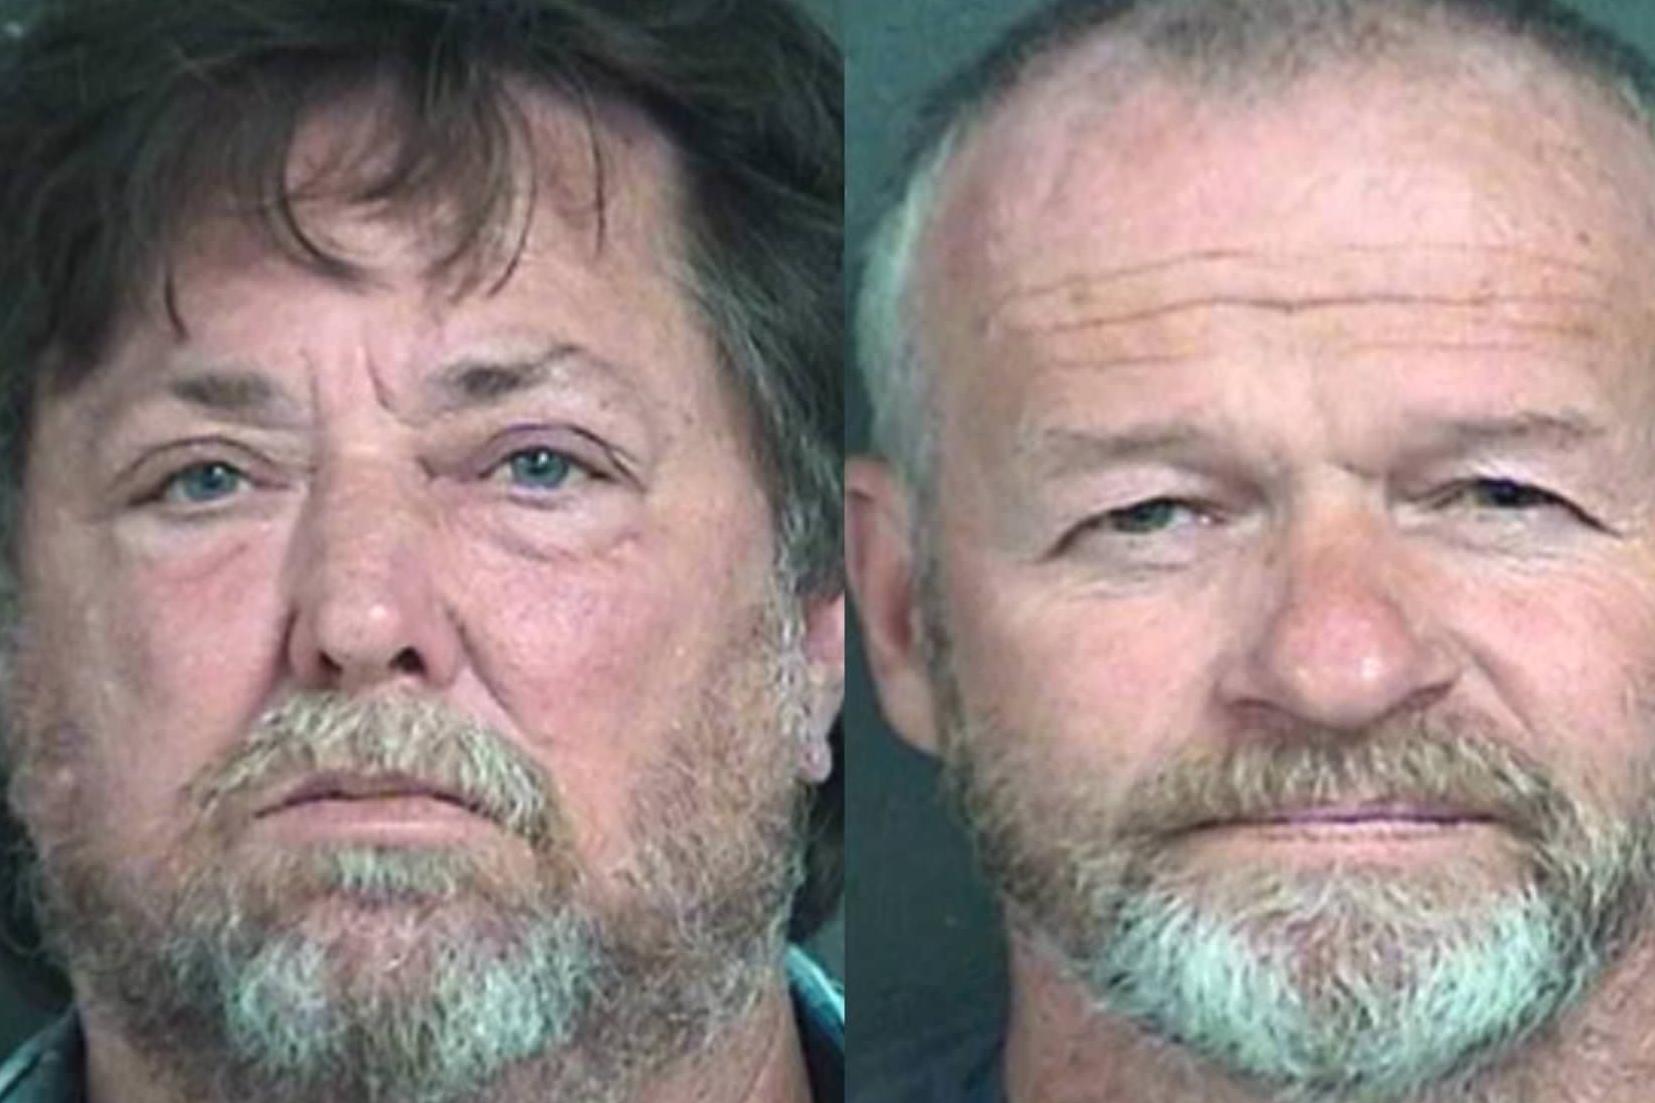 Dos hombres absueltos en relación con la muerte por decapitación de un niño de 10 años en Kansas Water Park